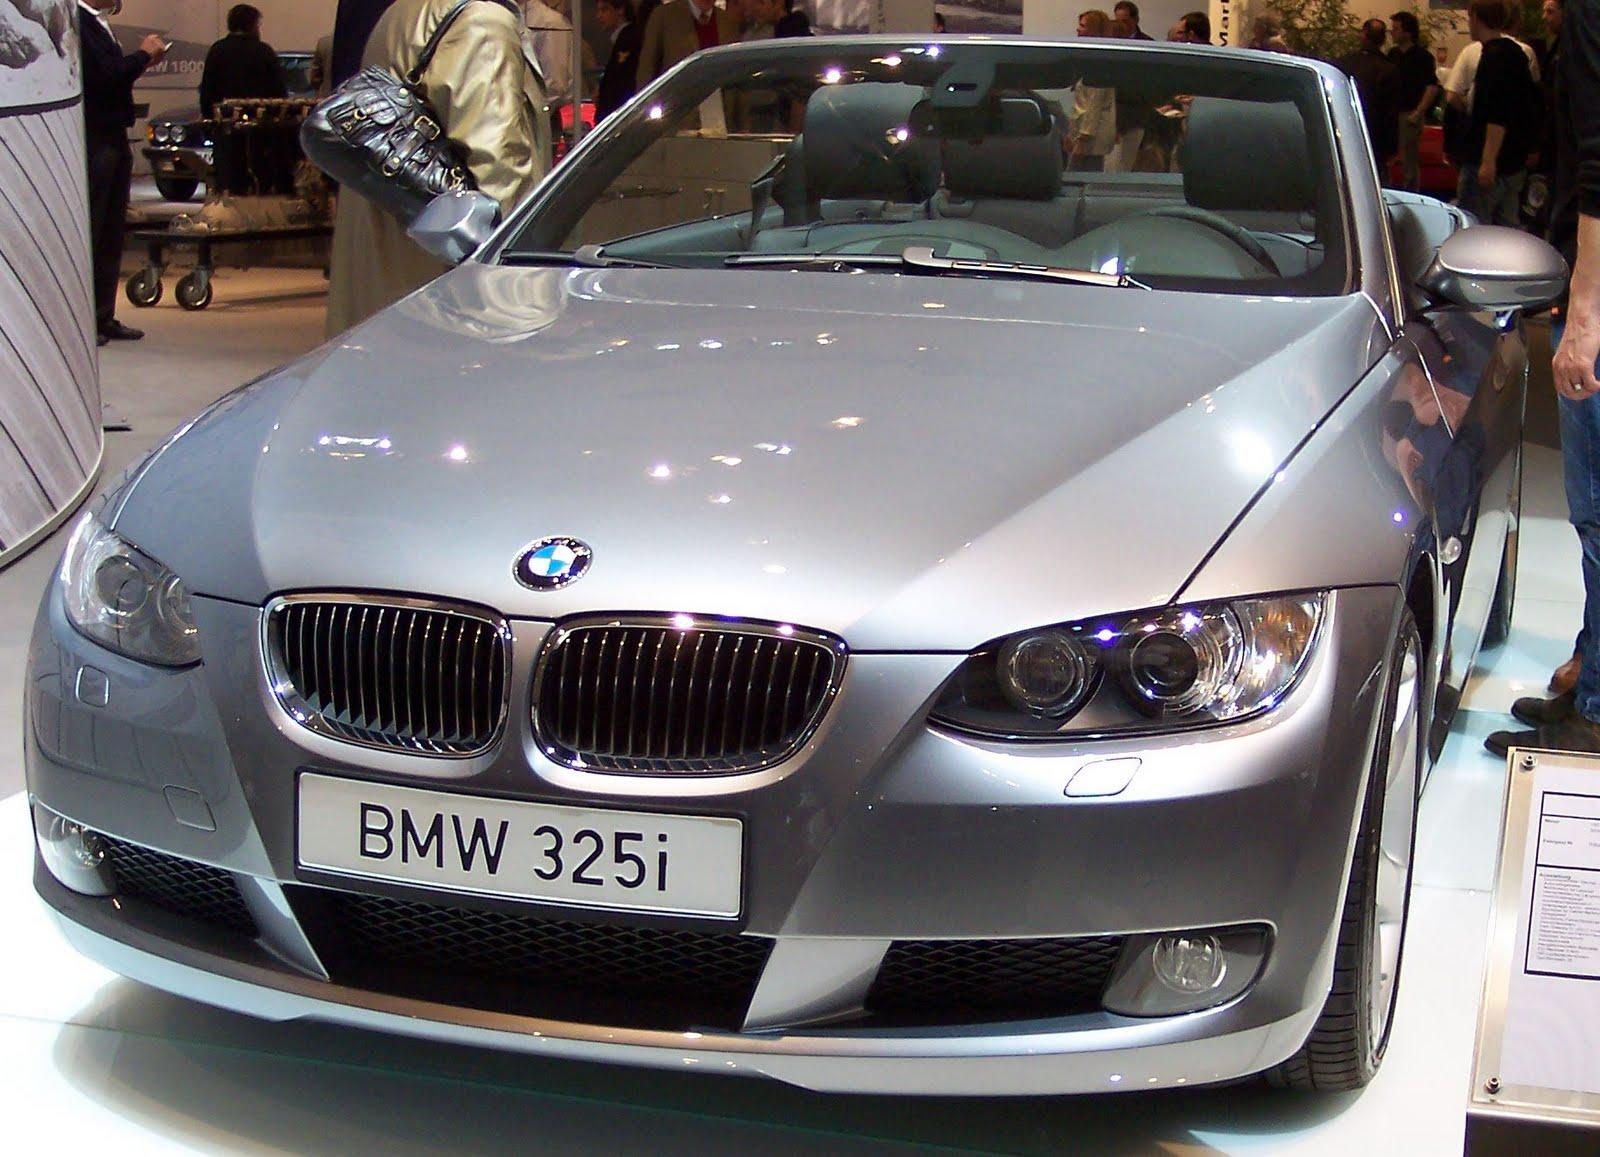 BMW I Review Car News And Show - Bmw 325i 2011